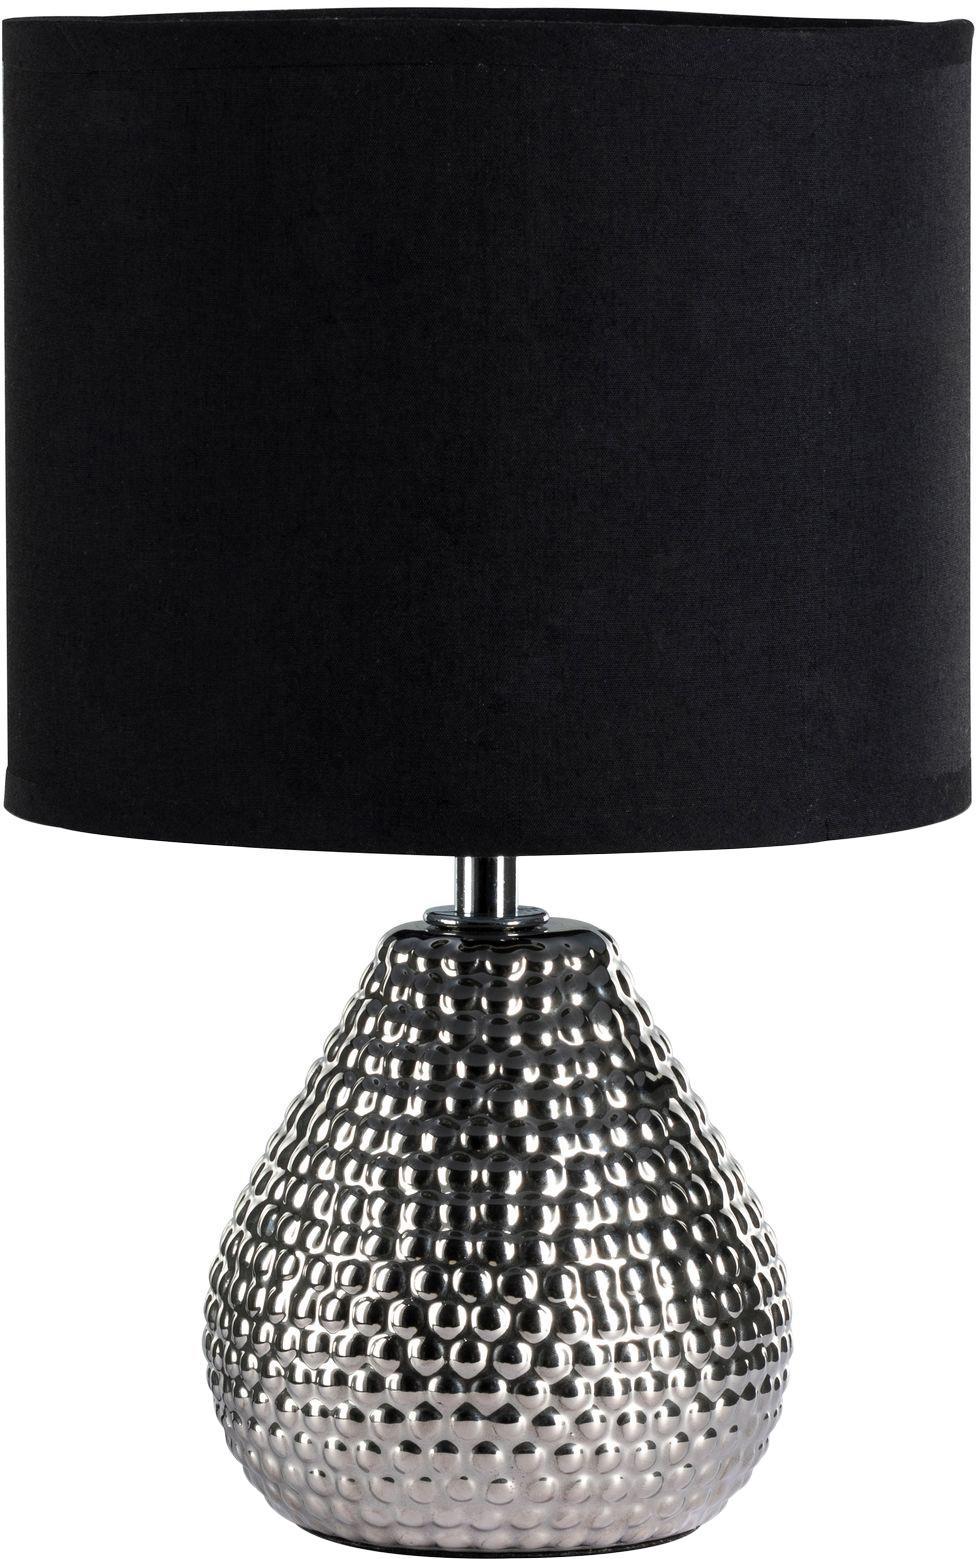 Keramische tafellamp Reno in zilverkleur, Lampenkap: katoenmix, Lampvoet: keramiek, Zilverkleurig, zwart, Ø 18 x H 29 cm